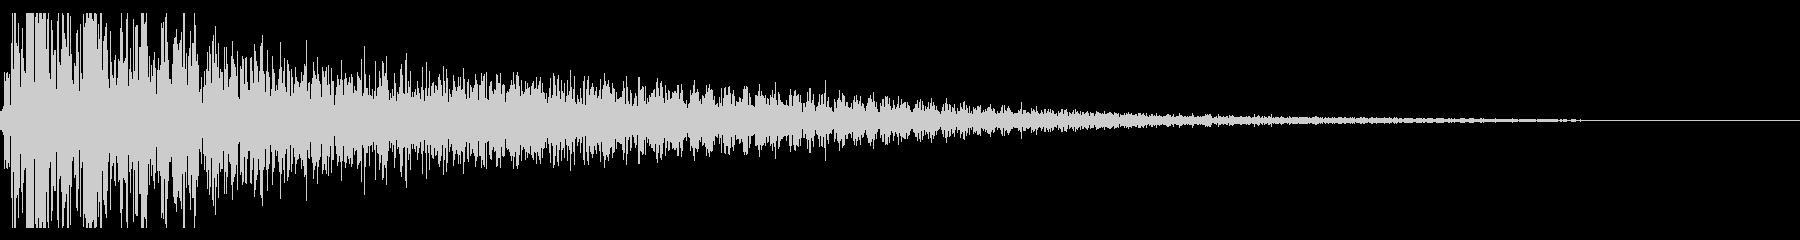 ドスーン,カートゥーン系の転倒音の未再生の波形